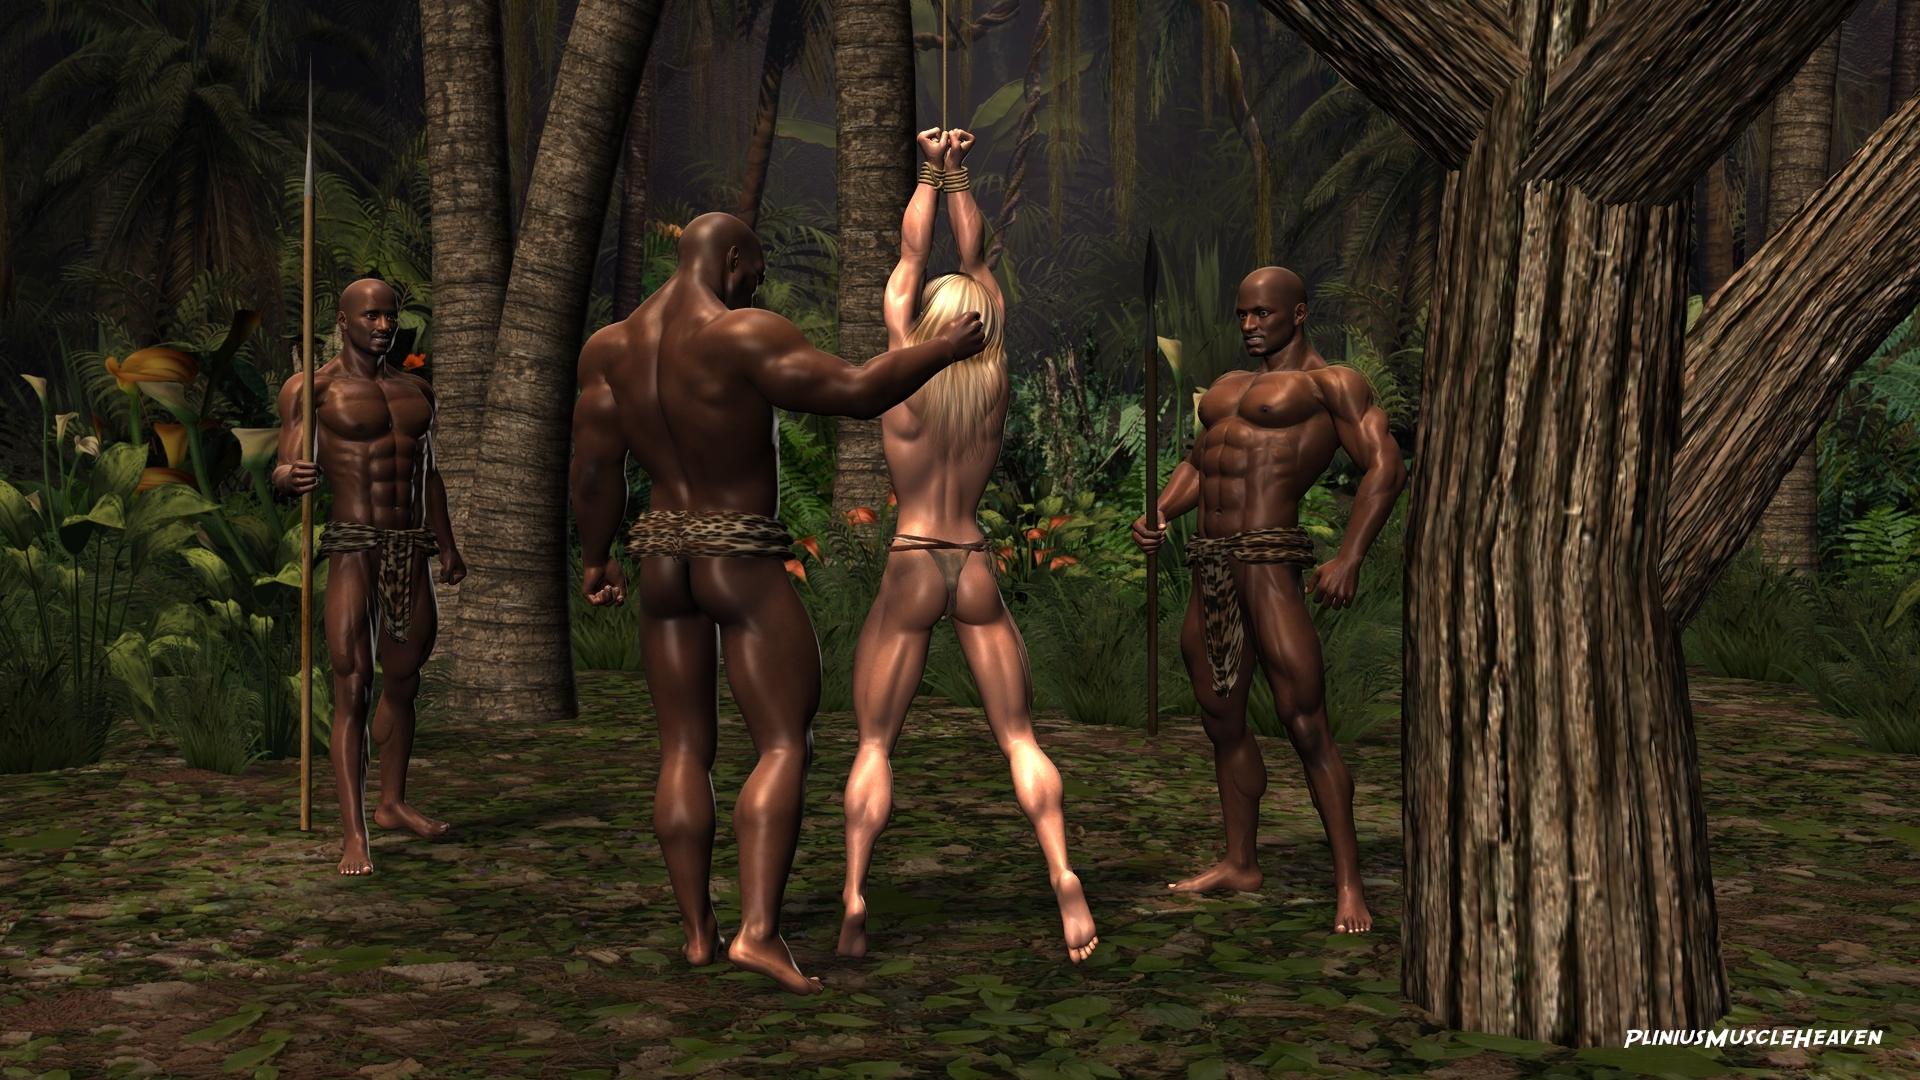 Piger fanget af pirater tortureret - Cumception-8505